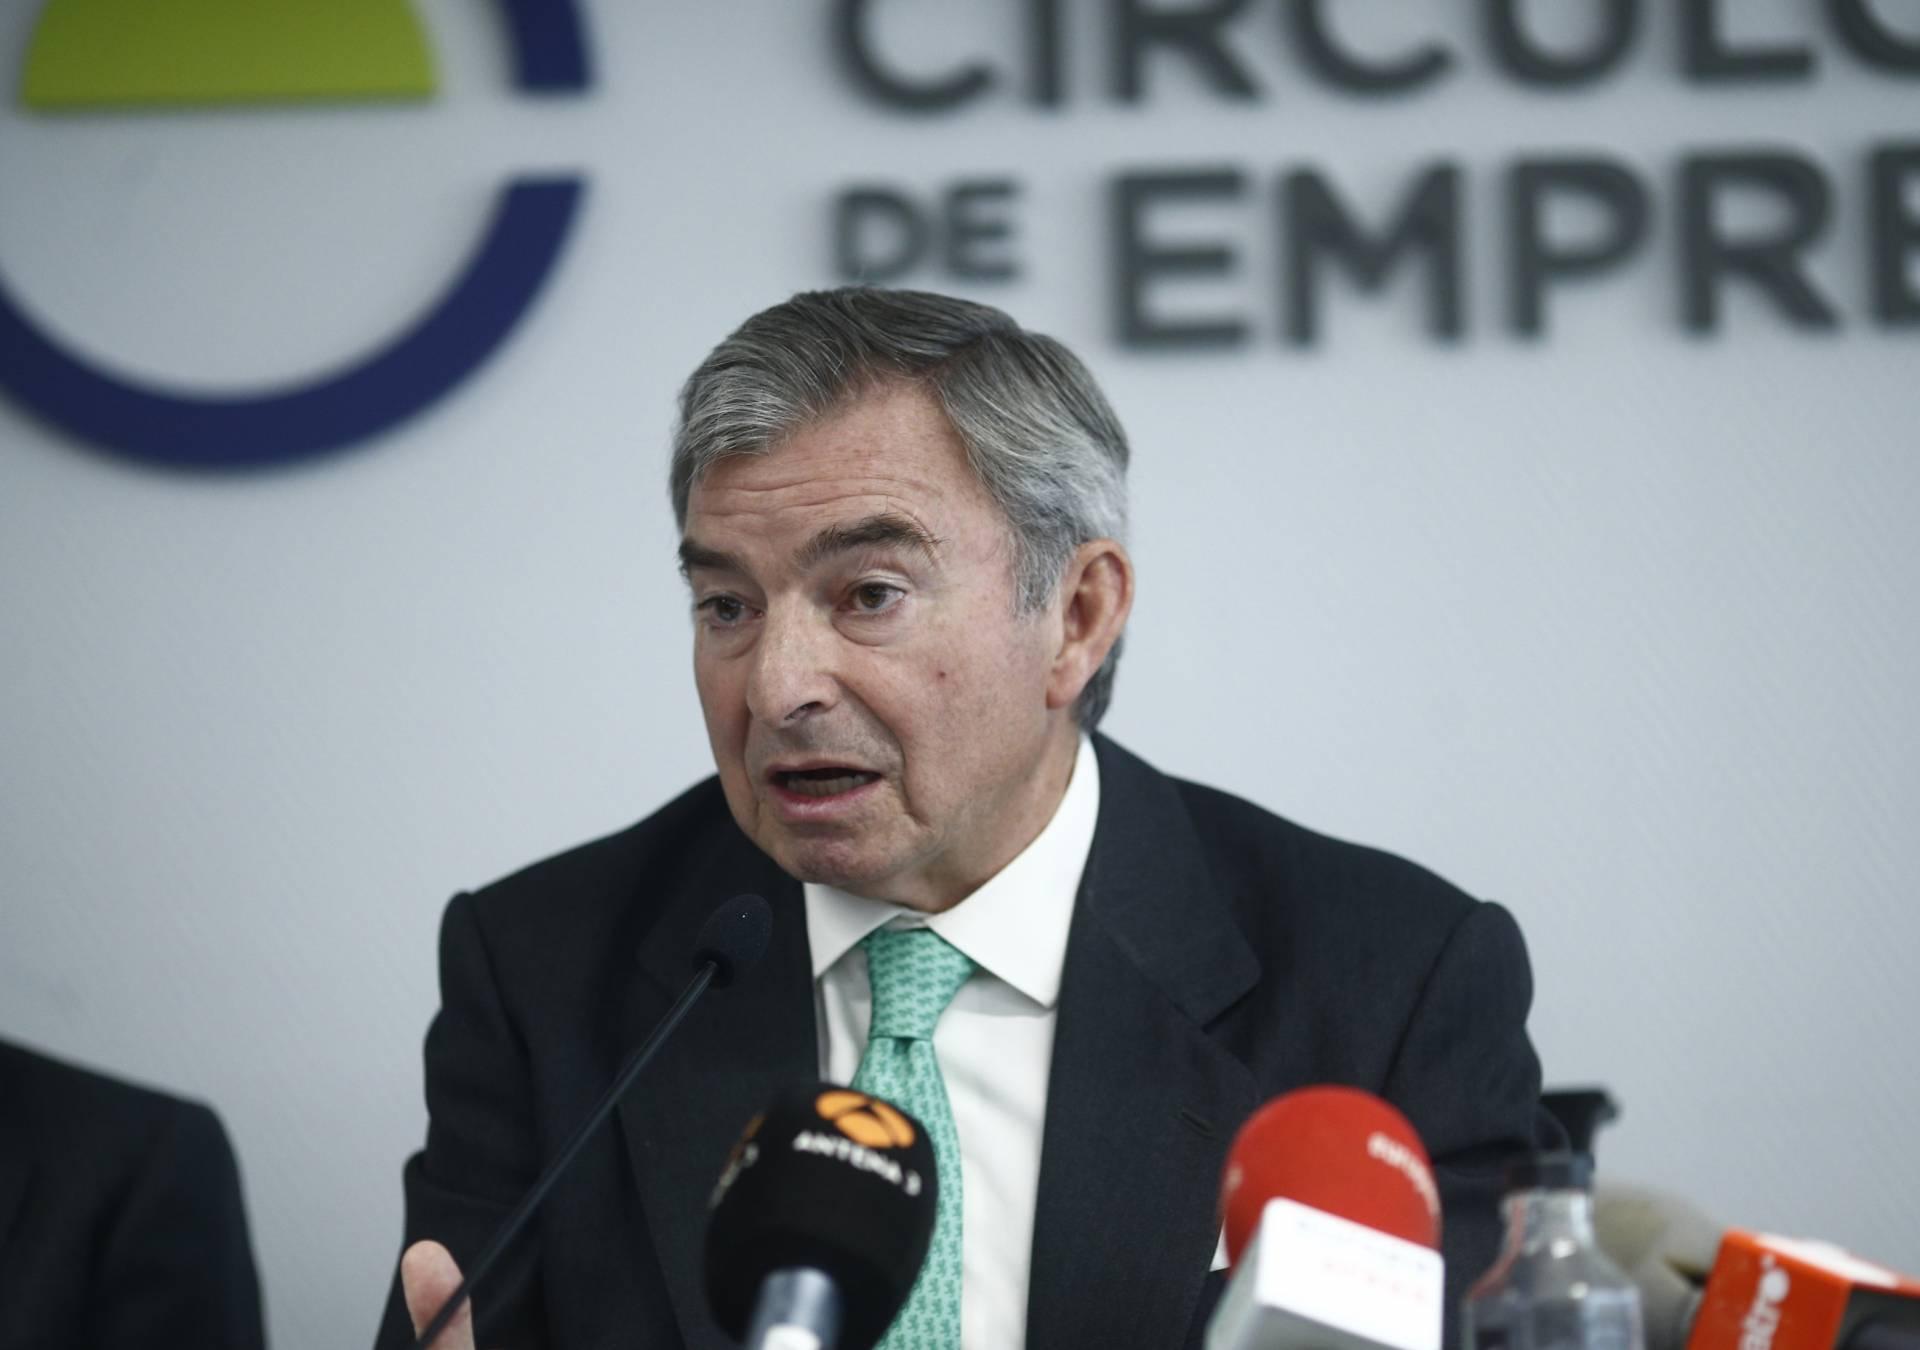 El presidente del Círculo de Empresarios, Javier Vega de Seoane.